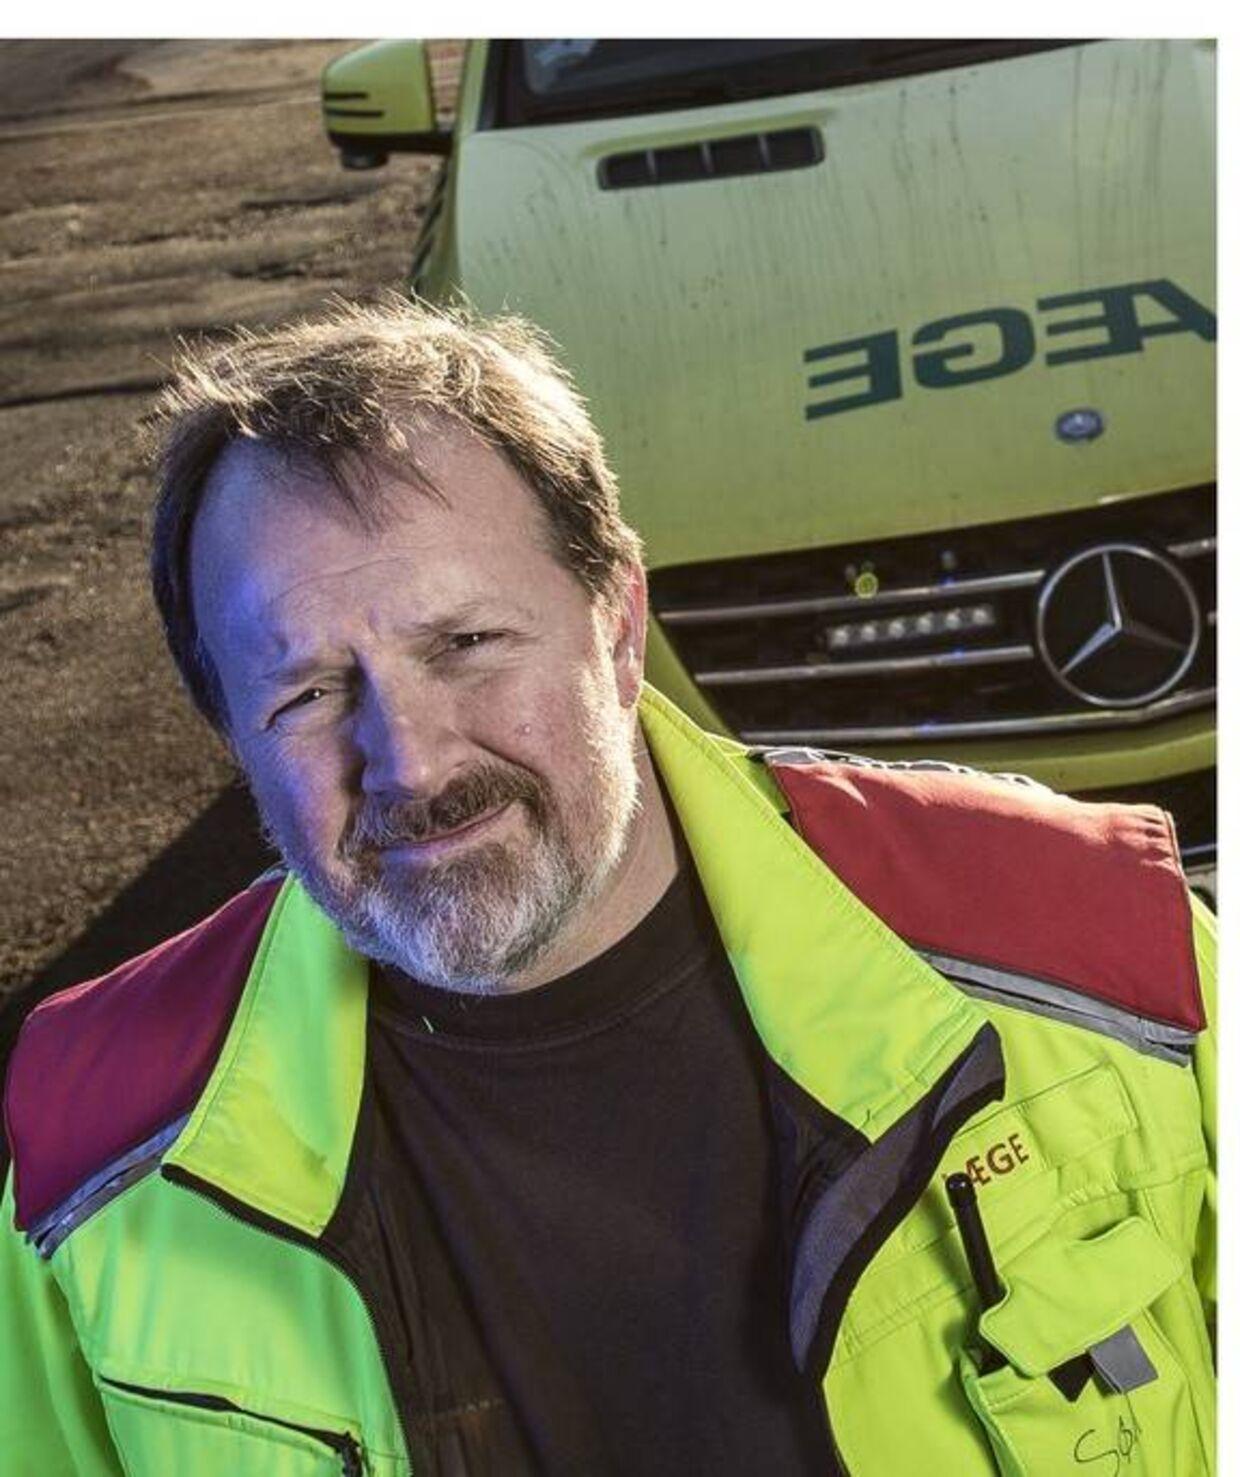 Søren Mikkelsen er indsatsleder hos Ambulance Syd og var en af de første, der gik igennem det forulykkede tog onsdag morgen.